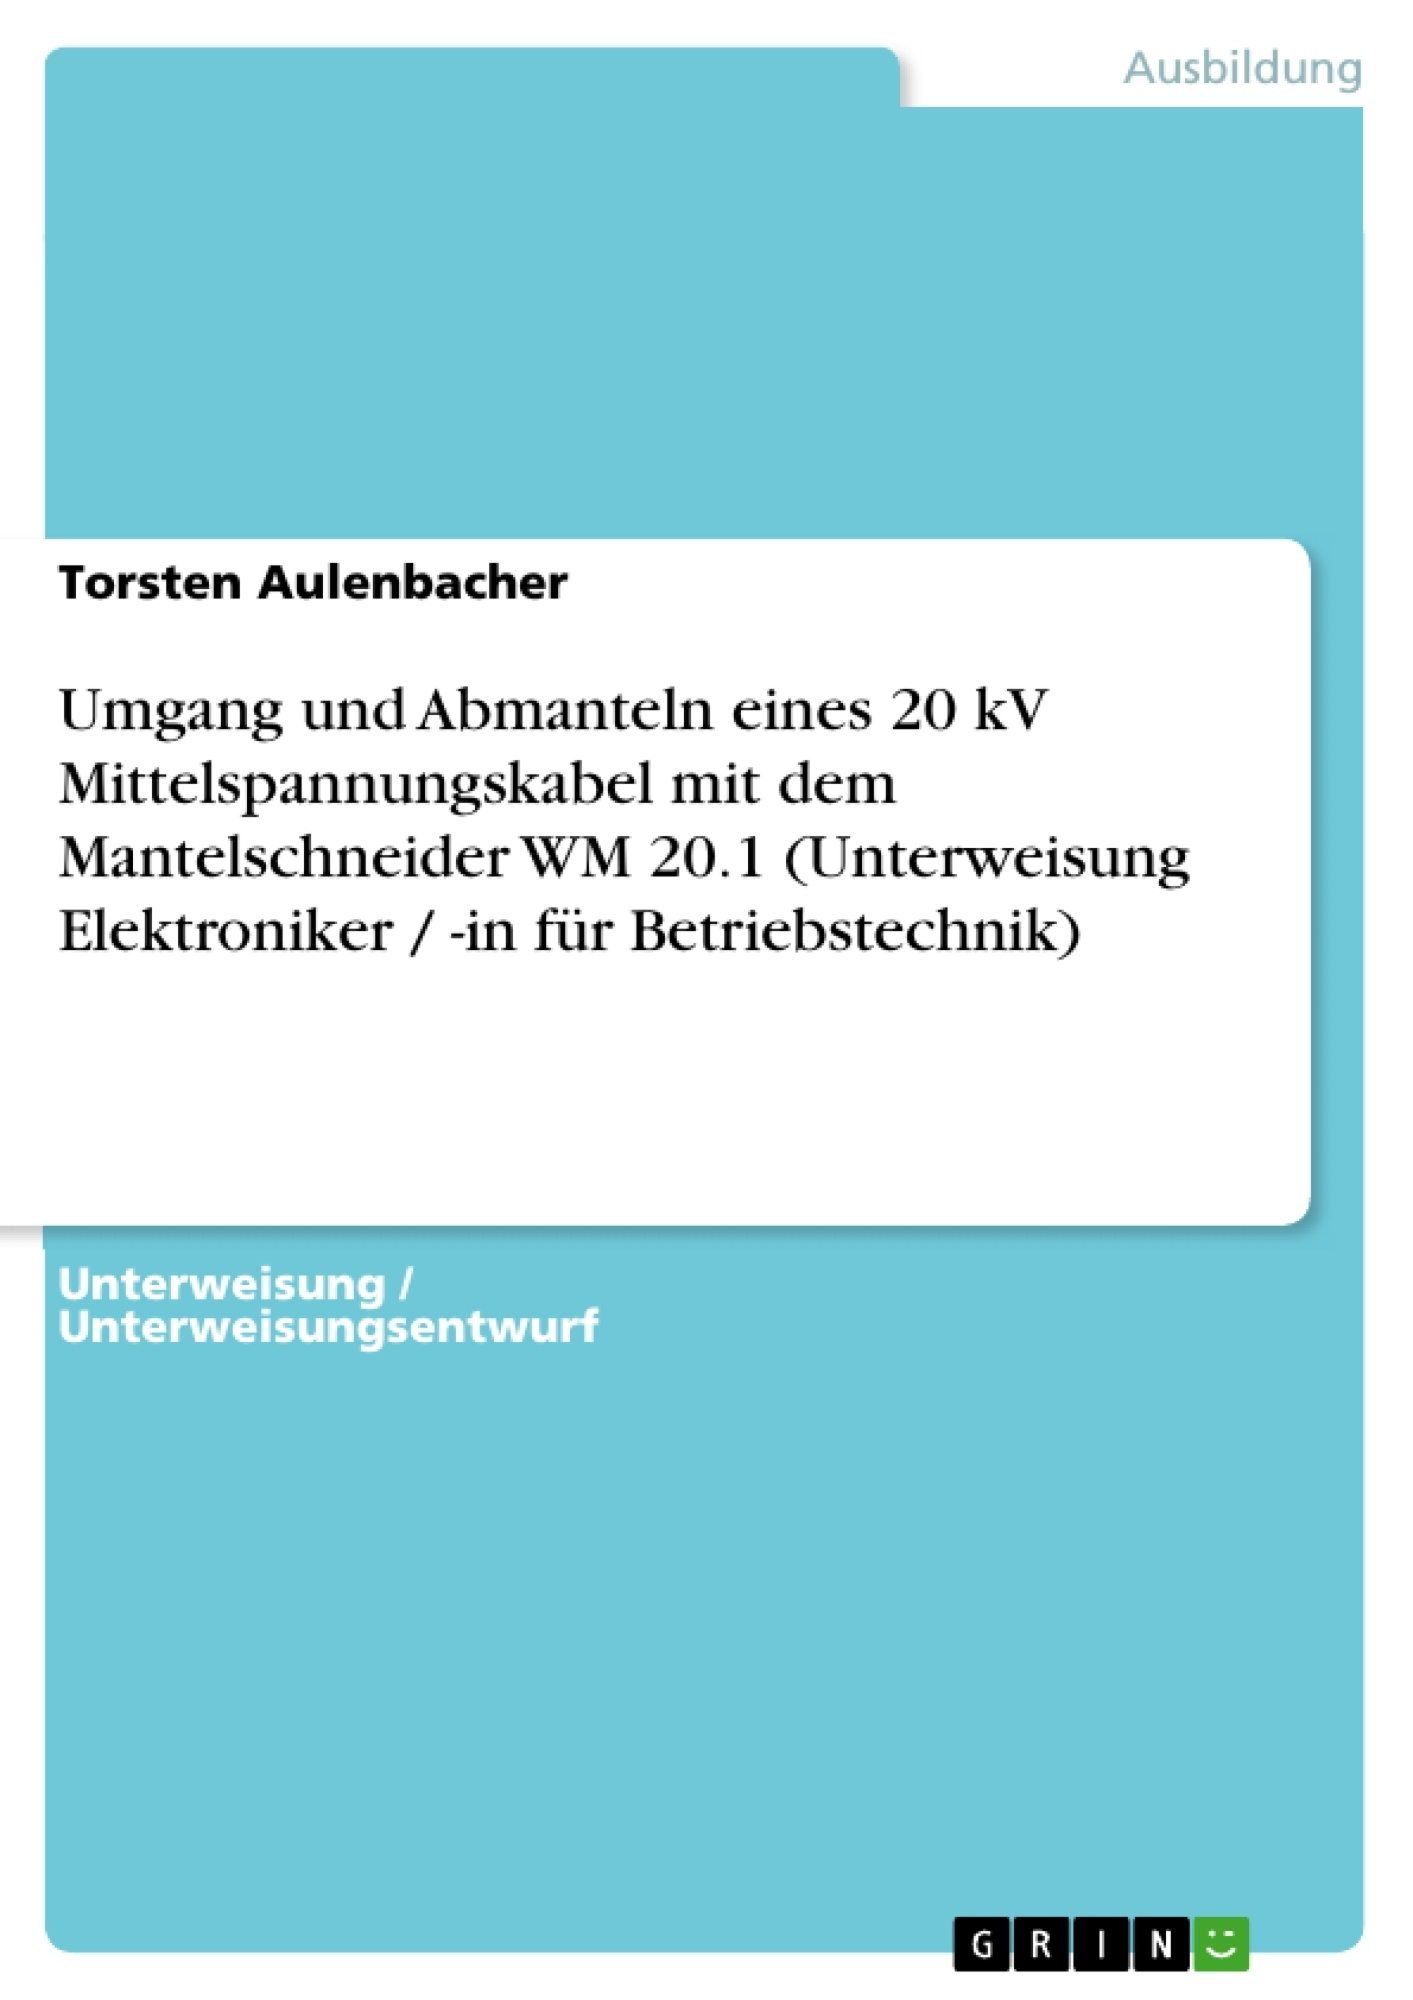 Titel: Umgang und Abmanteln eines 20 kV Mittelspannungskabel mit dem Mantelschneider WM 20.1 (Unterweisung Elektroniker / -in für Betriebstechnik)